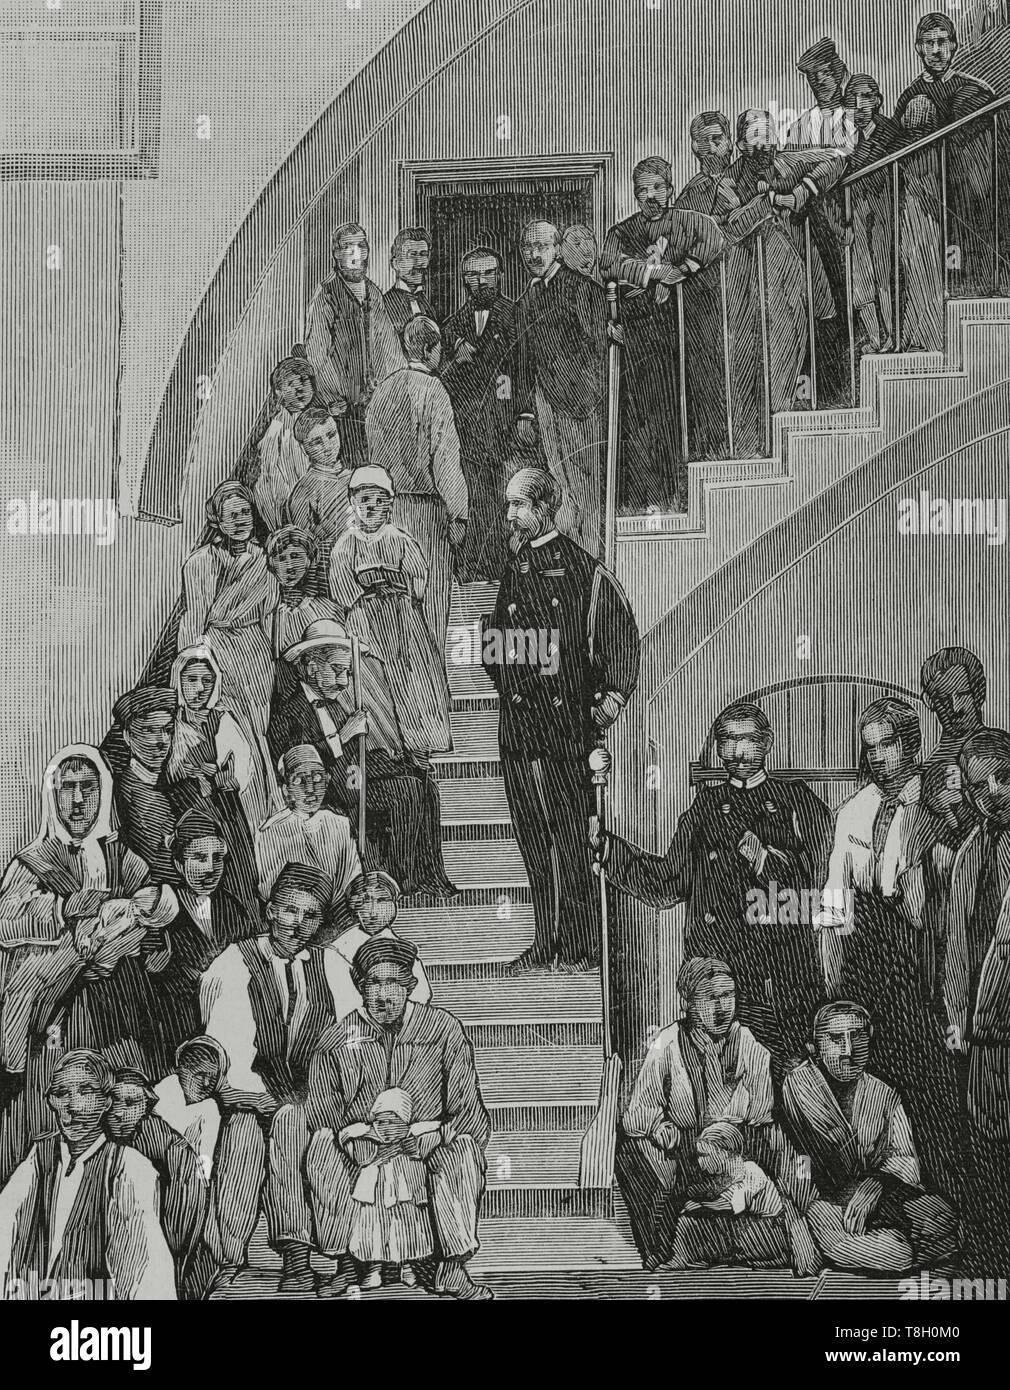 Durante el segundo tercio del siglo XIX muchos agricultores españoles fueron a hacer fortuna al norte de Argelia. El 22 de junio de 1881 los hombres de Bu-Amena atacaron a los agricultores provocando el pánico entre los emigrantes europeos. Muchos regresaron a sus paises de origen. Nueve mil españoles lo hicieron entre el 11 y el 22 de junio de 1881. Alicante (España). Distribución de socorros en el gobierno civil de la provincia a los fugitivos de Orán. Grabado. La Ilustración Española y Americana, 15 de julio de 1881. - Stock Image